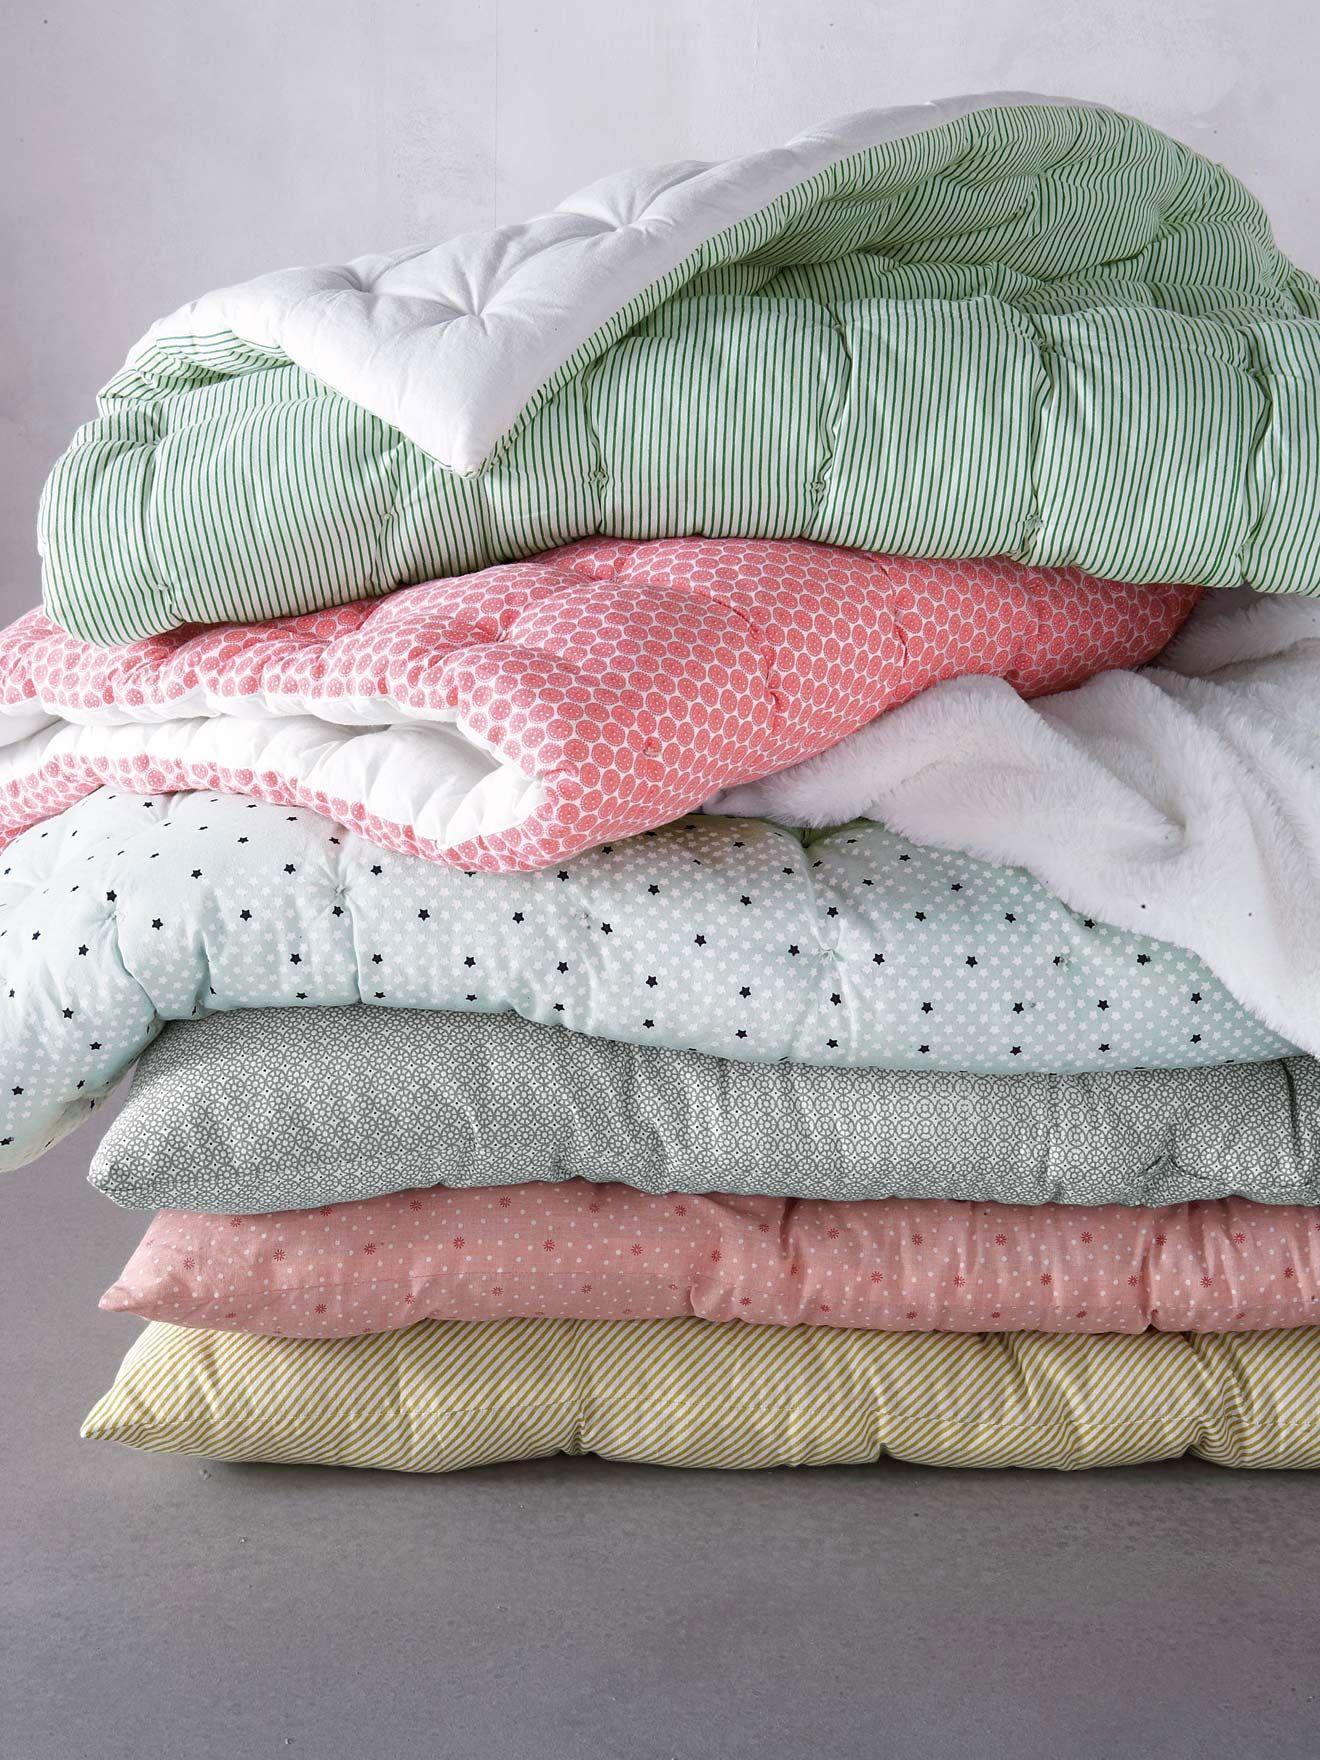 dredon enfant r versible rayures collection automne hiver 2015 kids. Black Bedroom Furniture Sets. Home Design Ideas